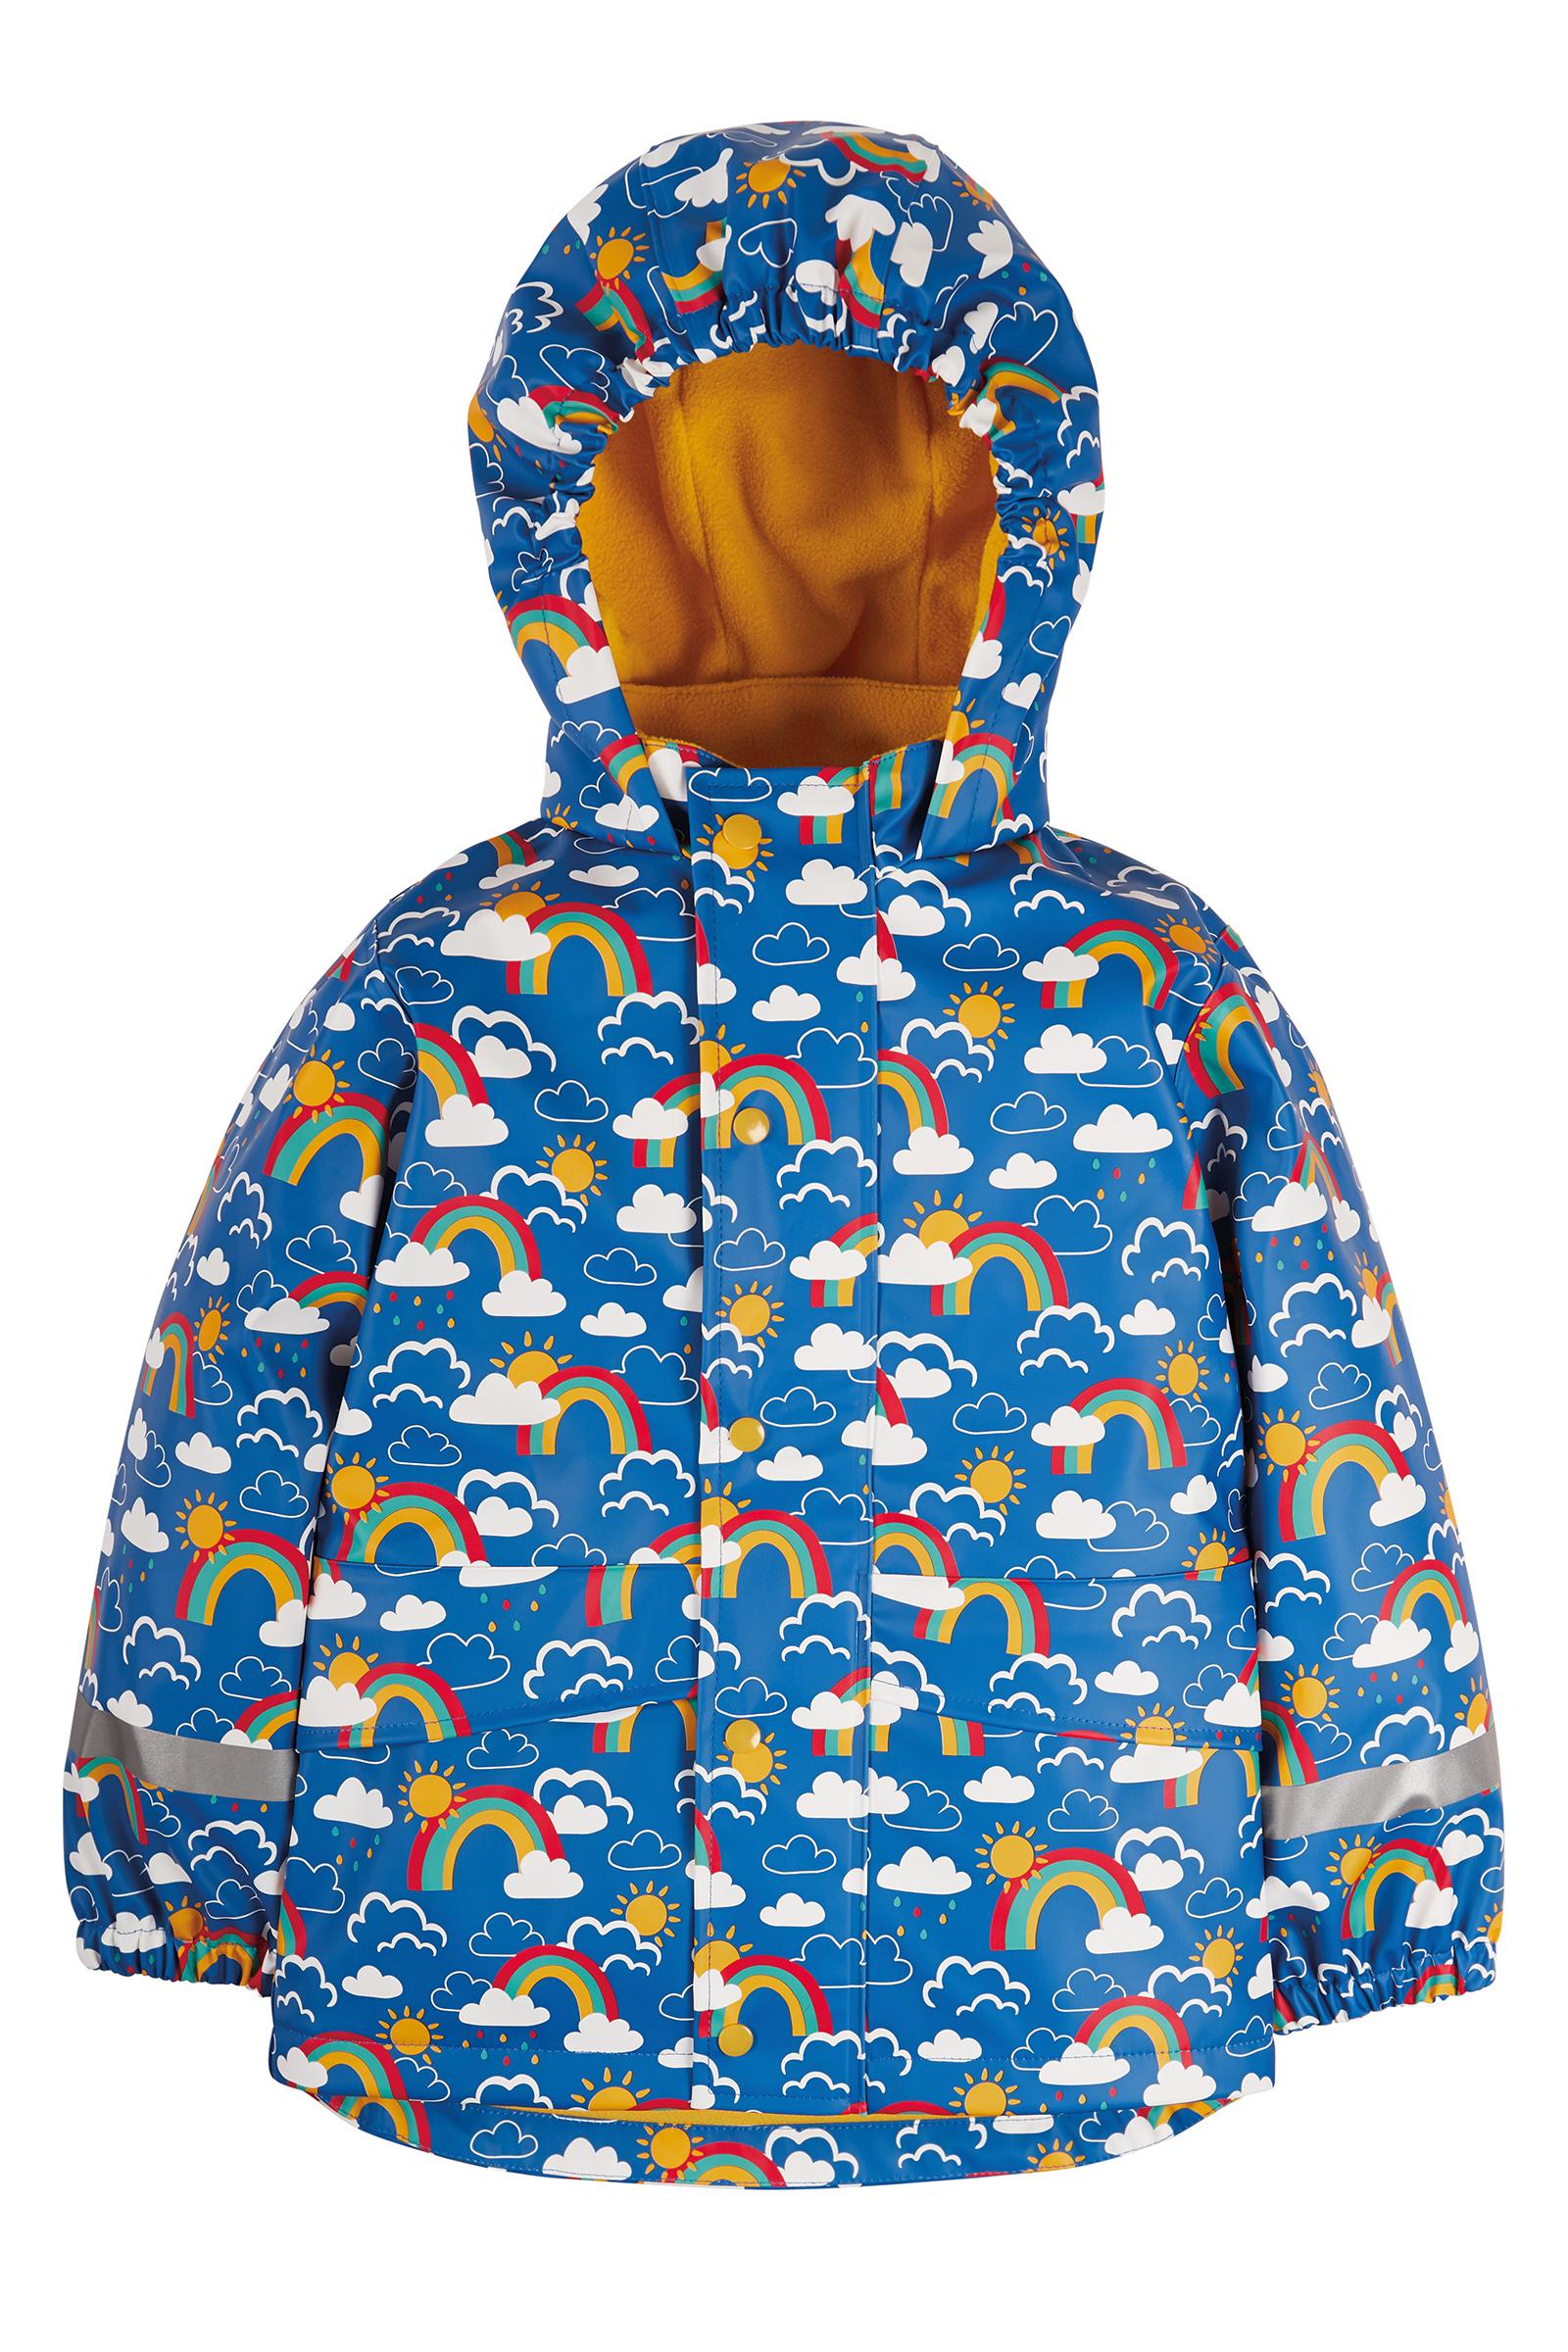 Frugi - Puddle Buster Coat, Rainbow Skies